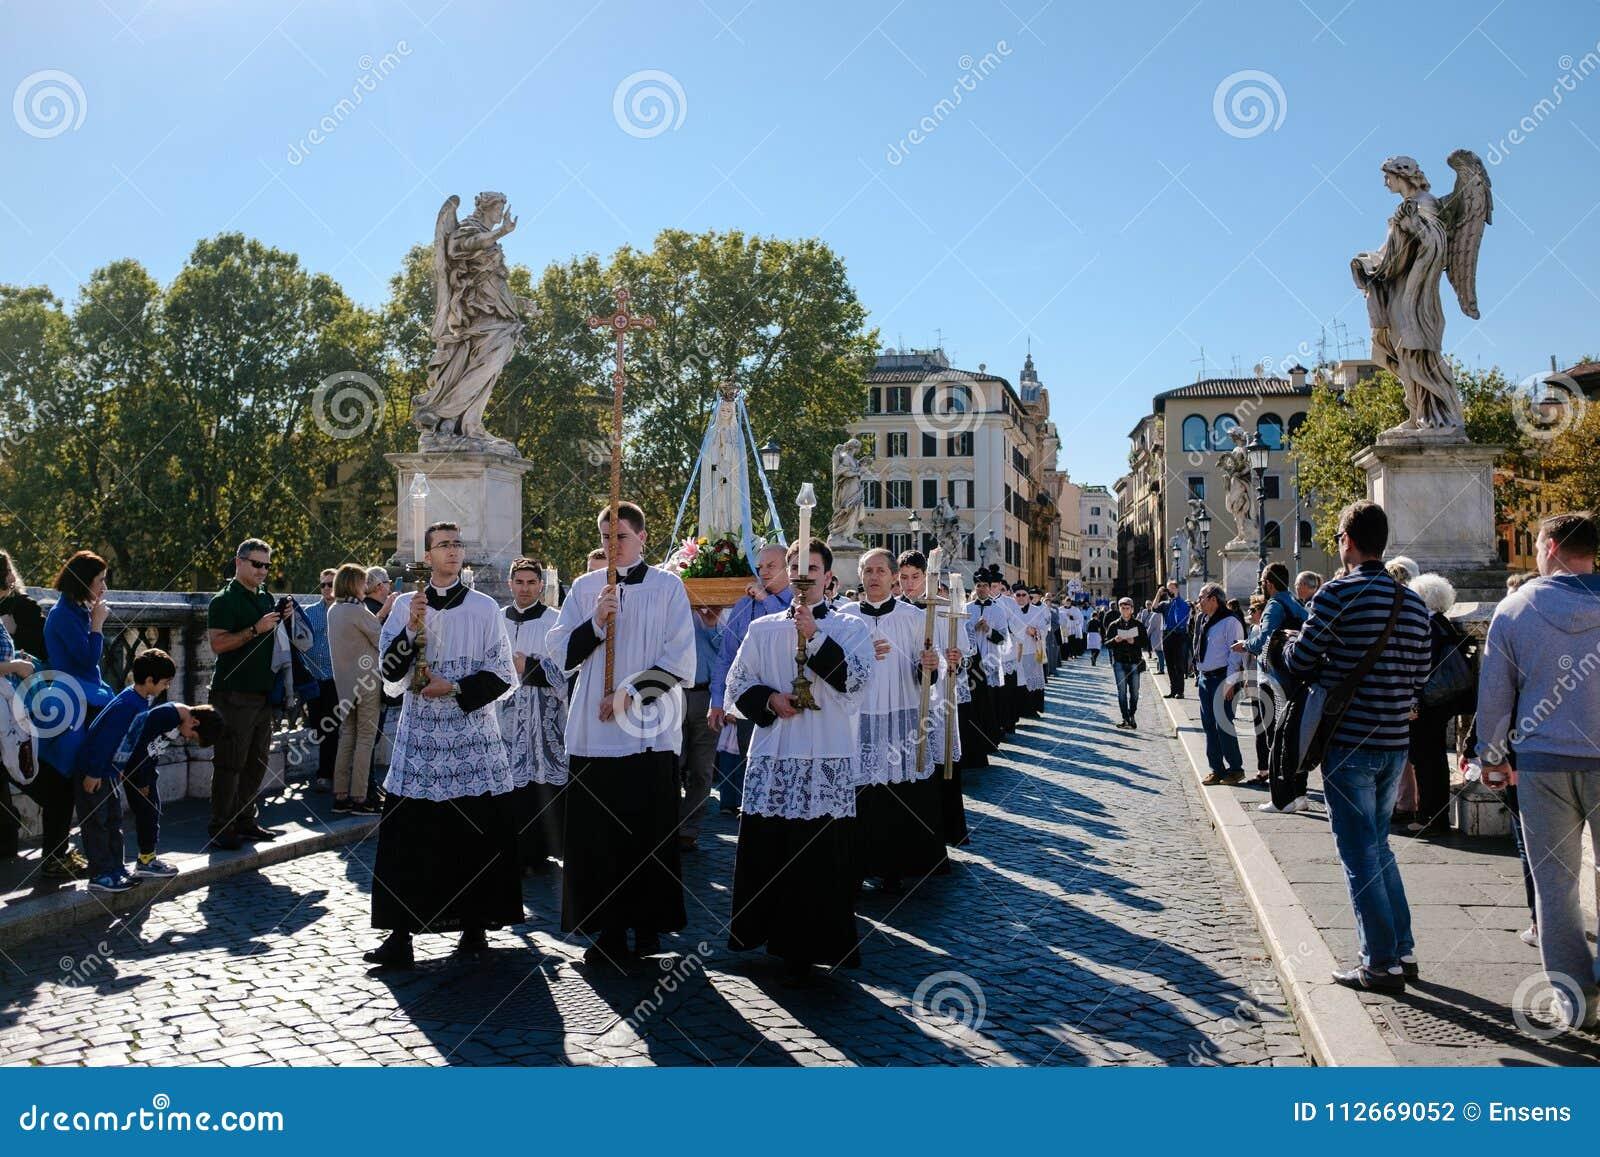 ROME-ITALY-24 10 2015, cortège religieux par les rues